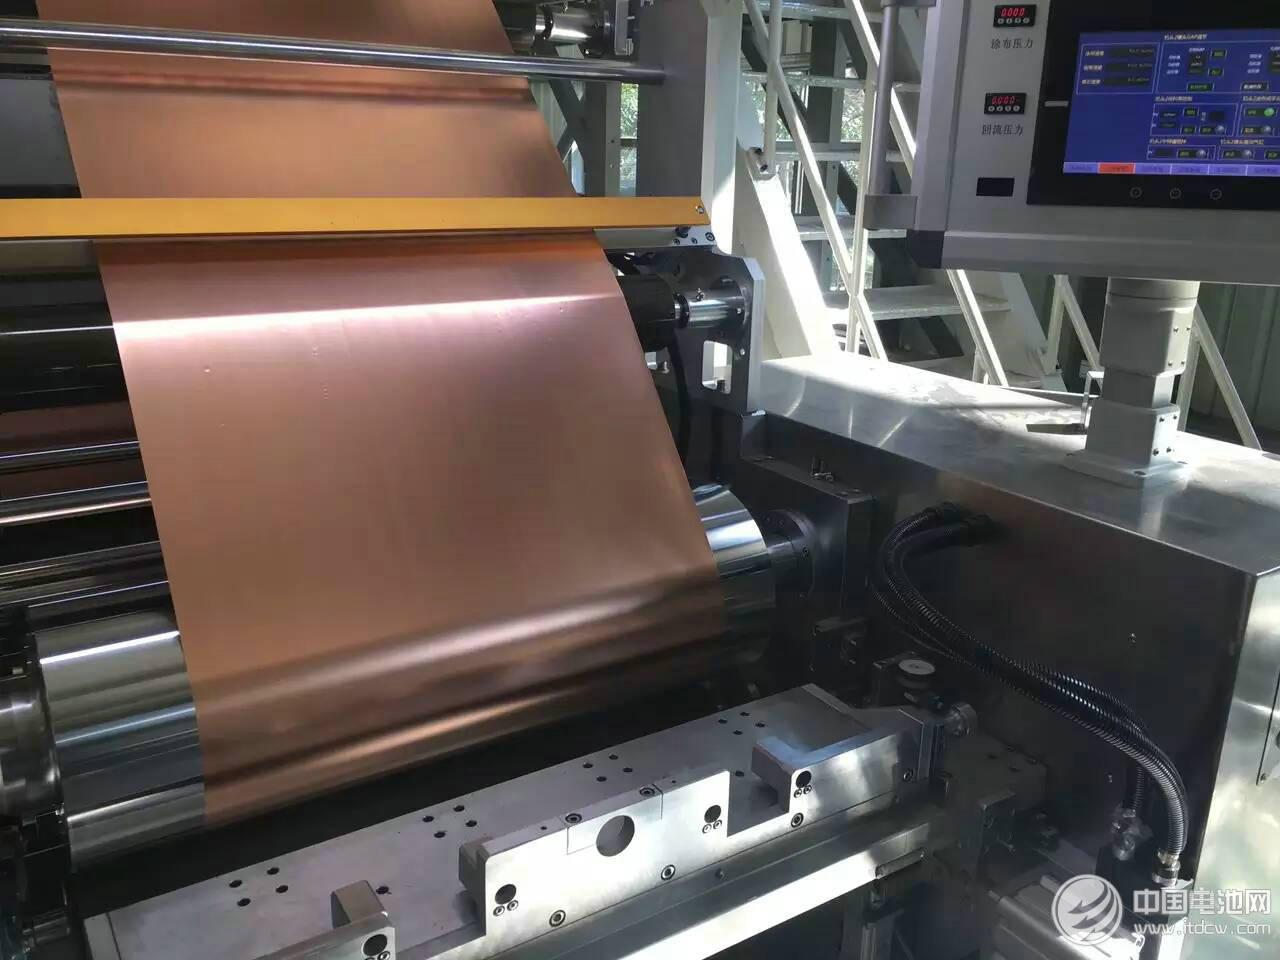 嘉元科技拟新三板募资1.18亿元 用于锂电铜箔扩产项目